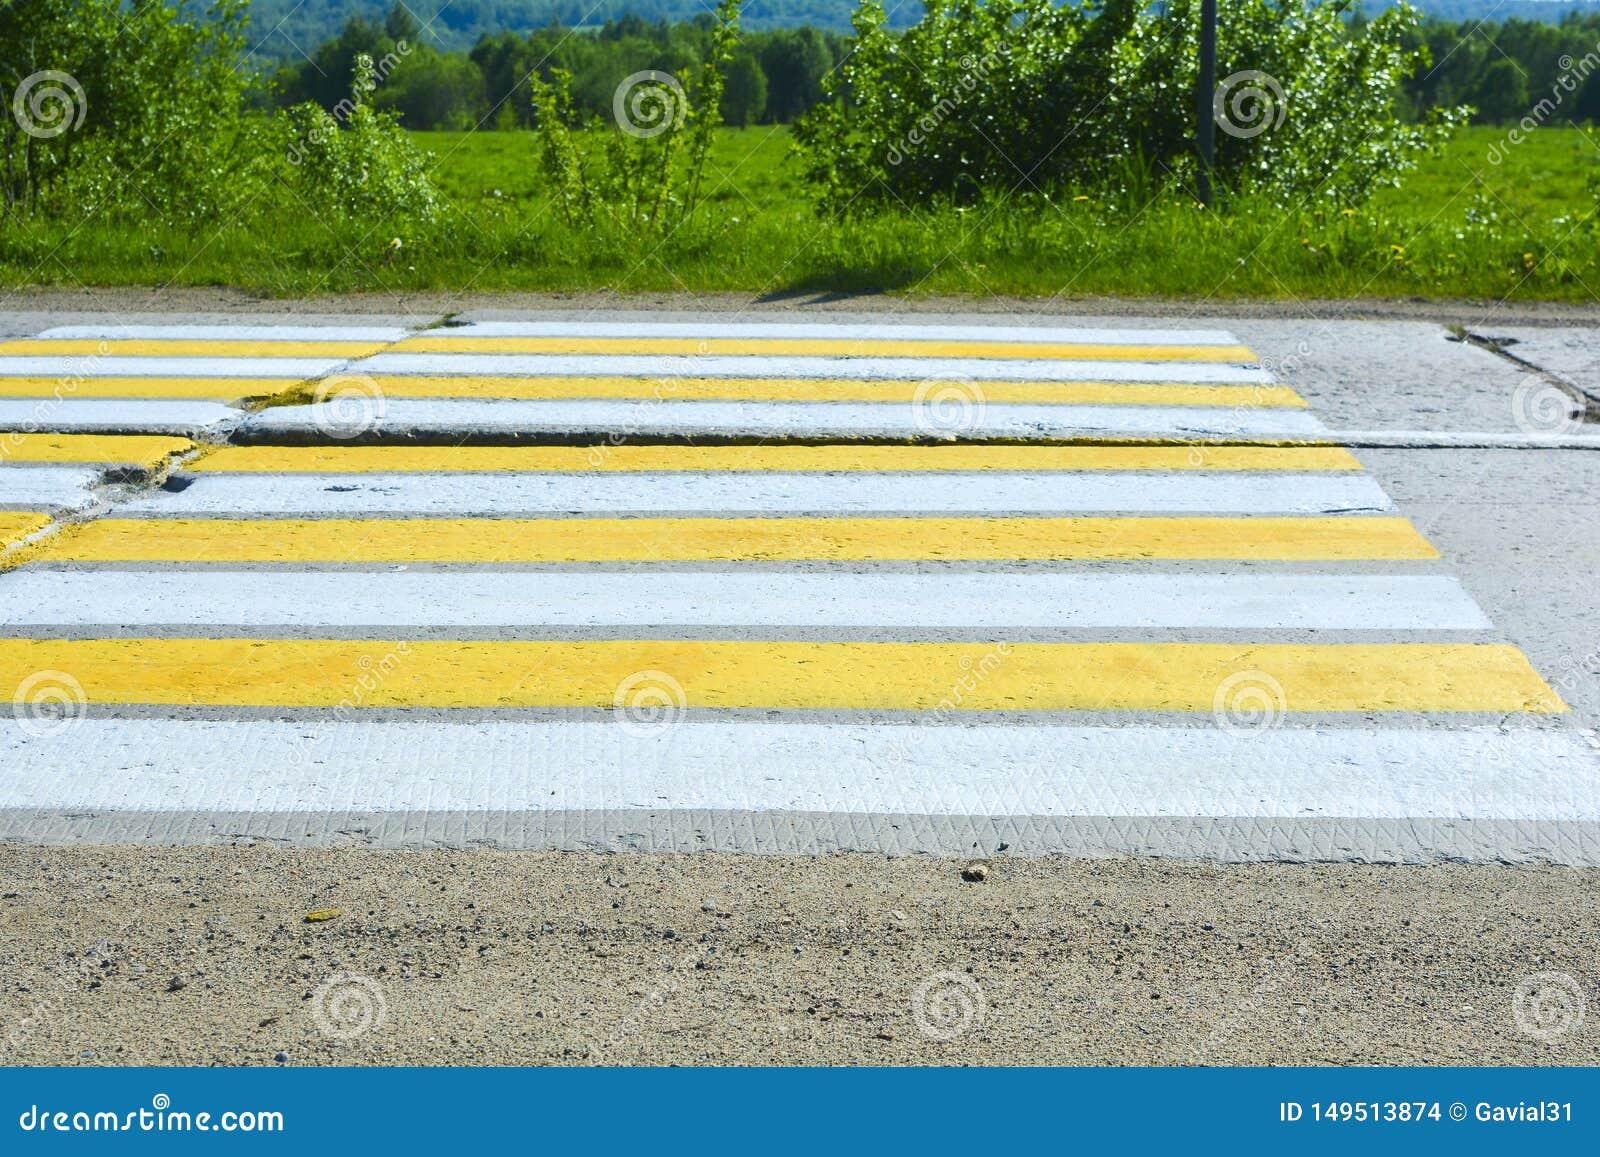 Landstraße von Betonplatten Fußgängercrossing over eine Betonstraße Weiße und gelbe Streifen auf der Straße